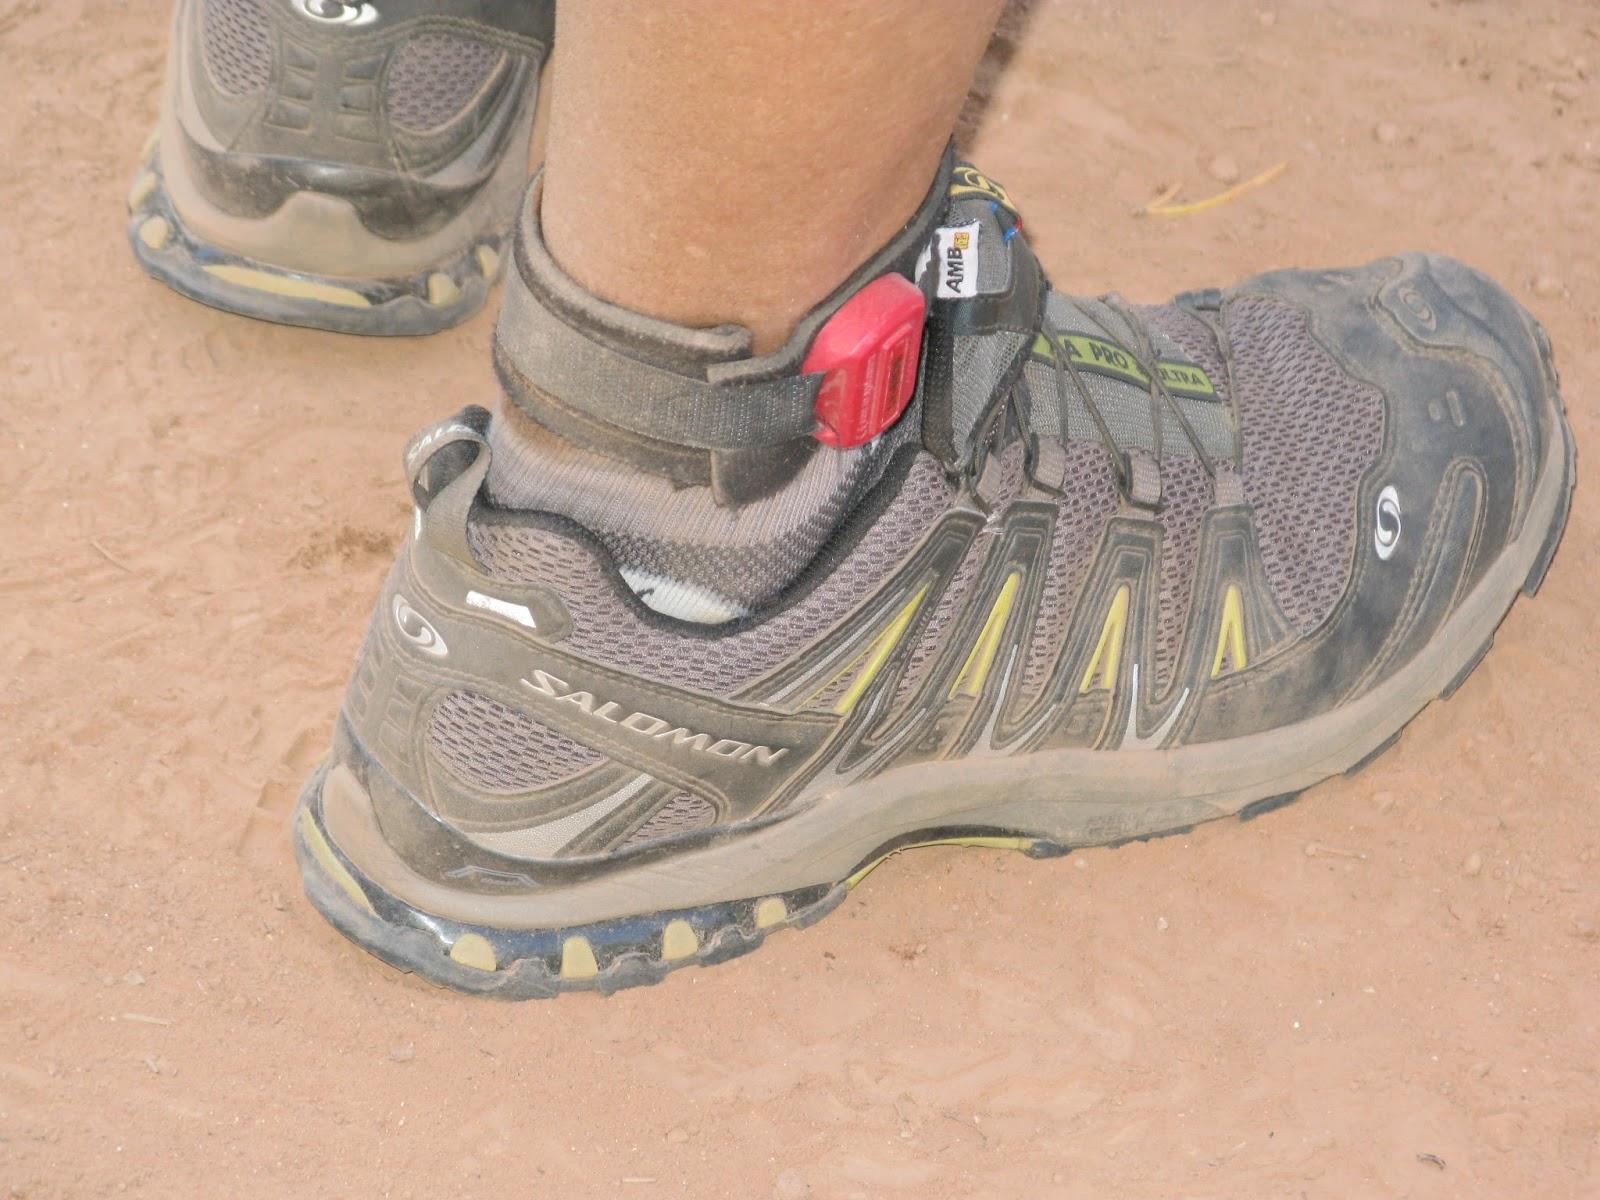 7203144573a9e Migliori scarpe Trail running  consigli per scegliere tra i vari ...